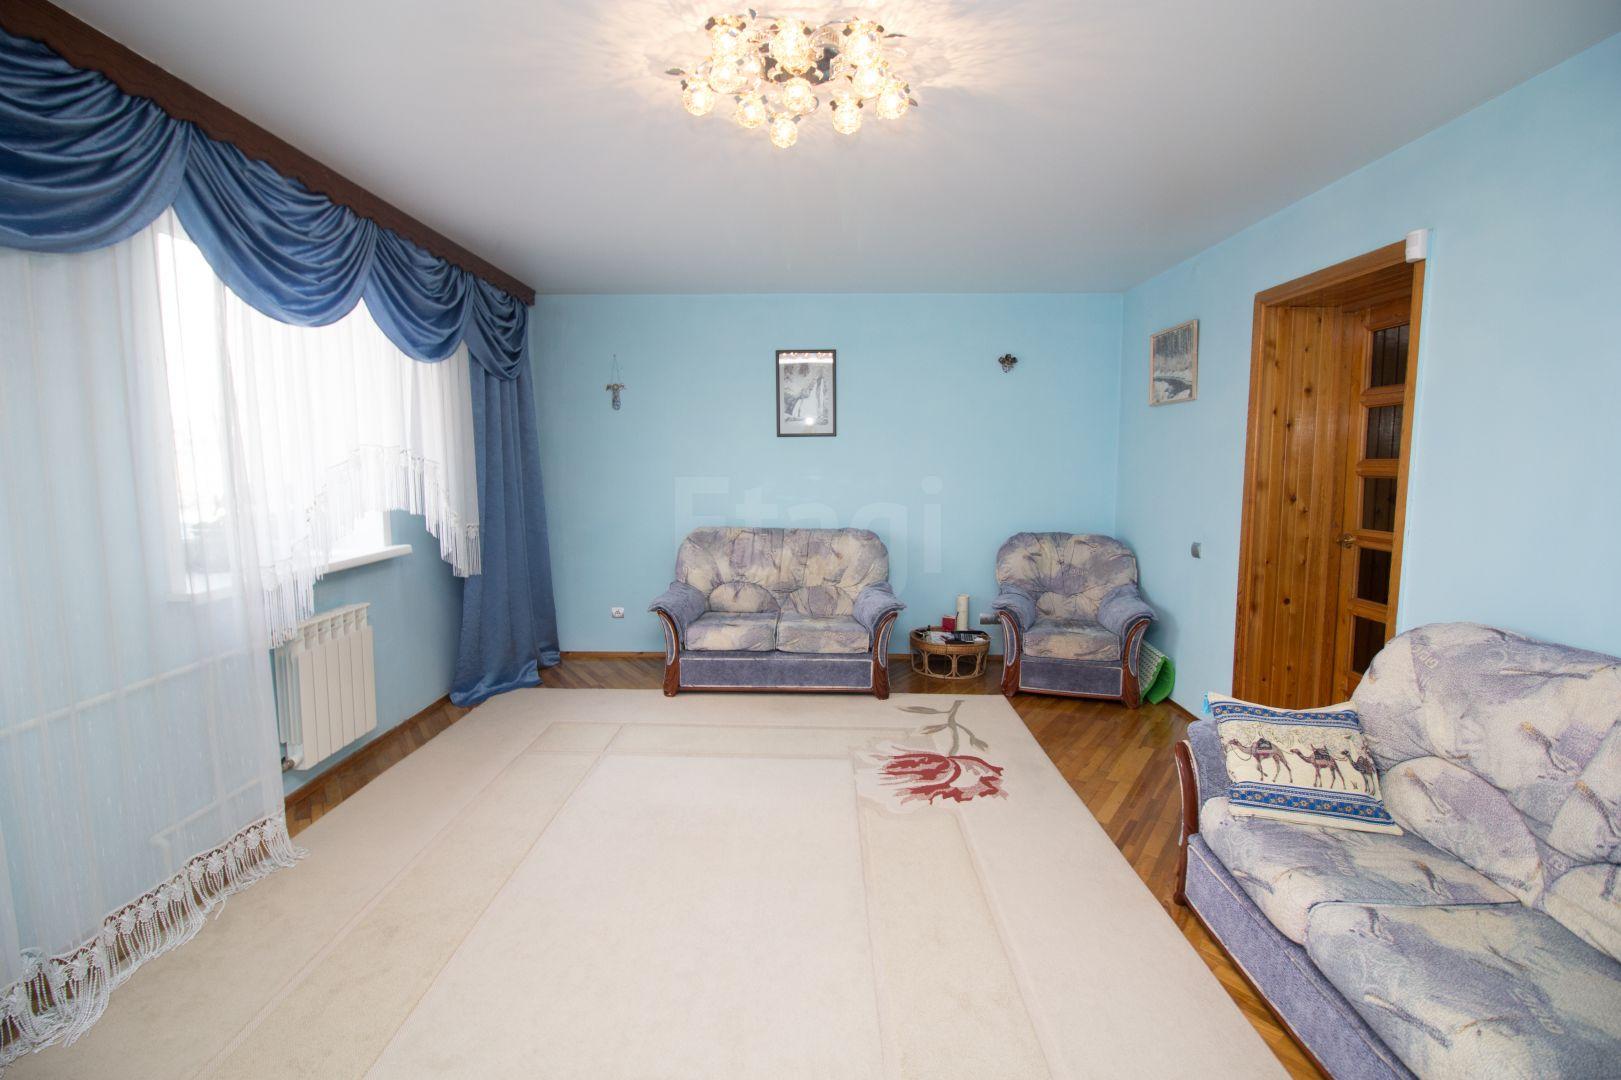 Продается пятикомнатная квартира за 11 500 000 рублей. Октябрьский, ул. Ядринцева, д. 7 (4 км до центра).